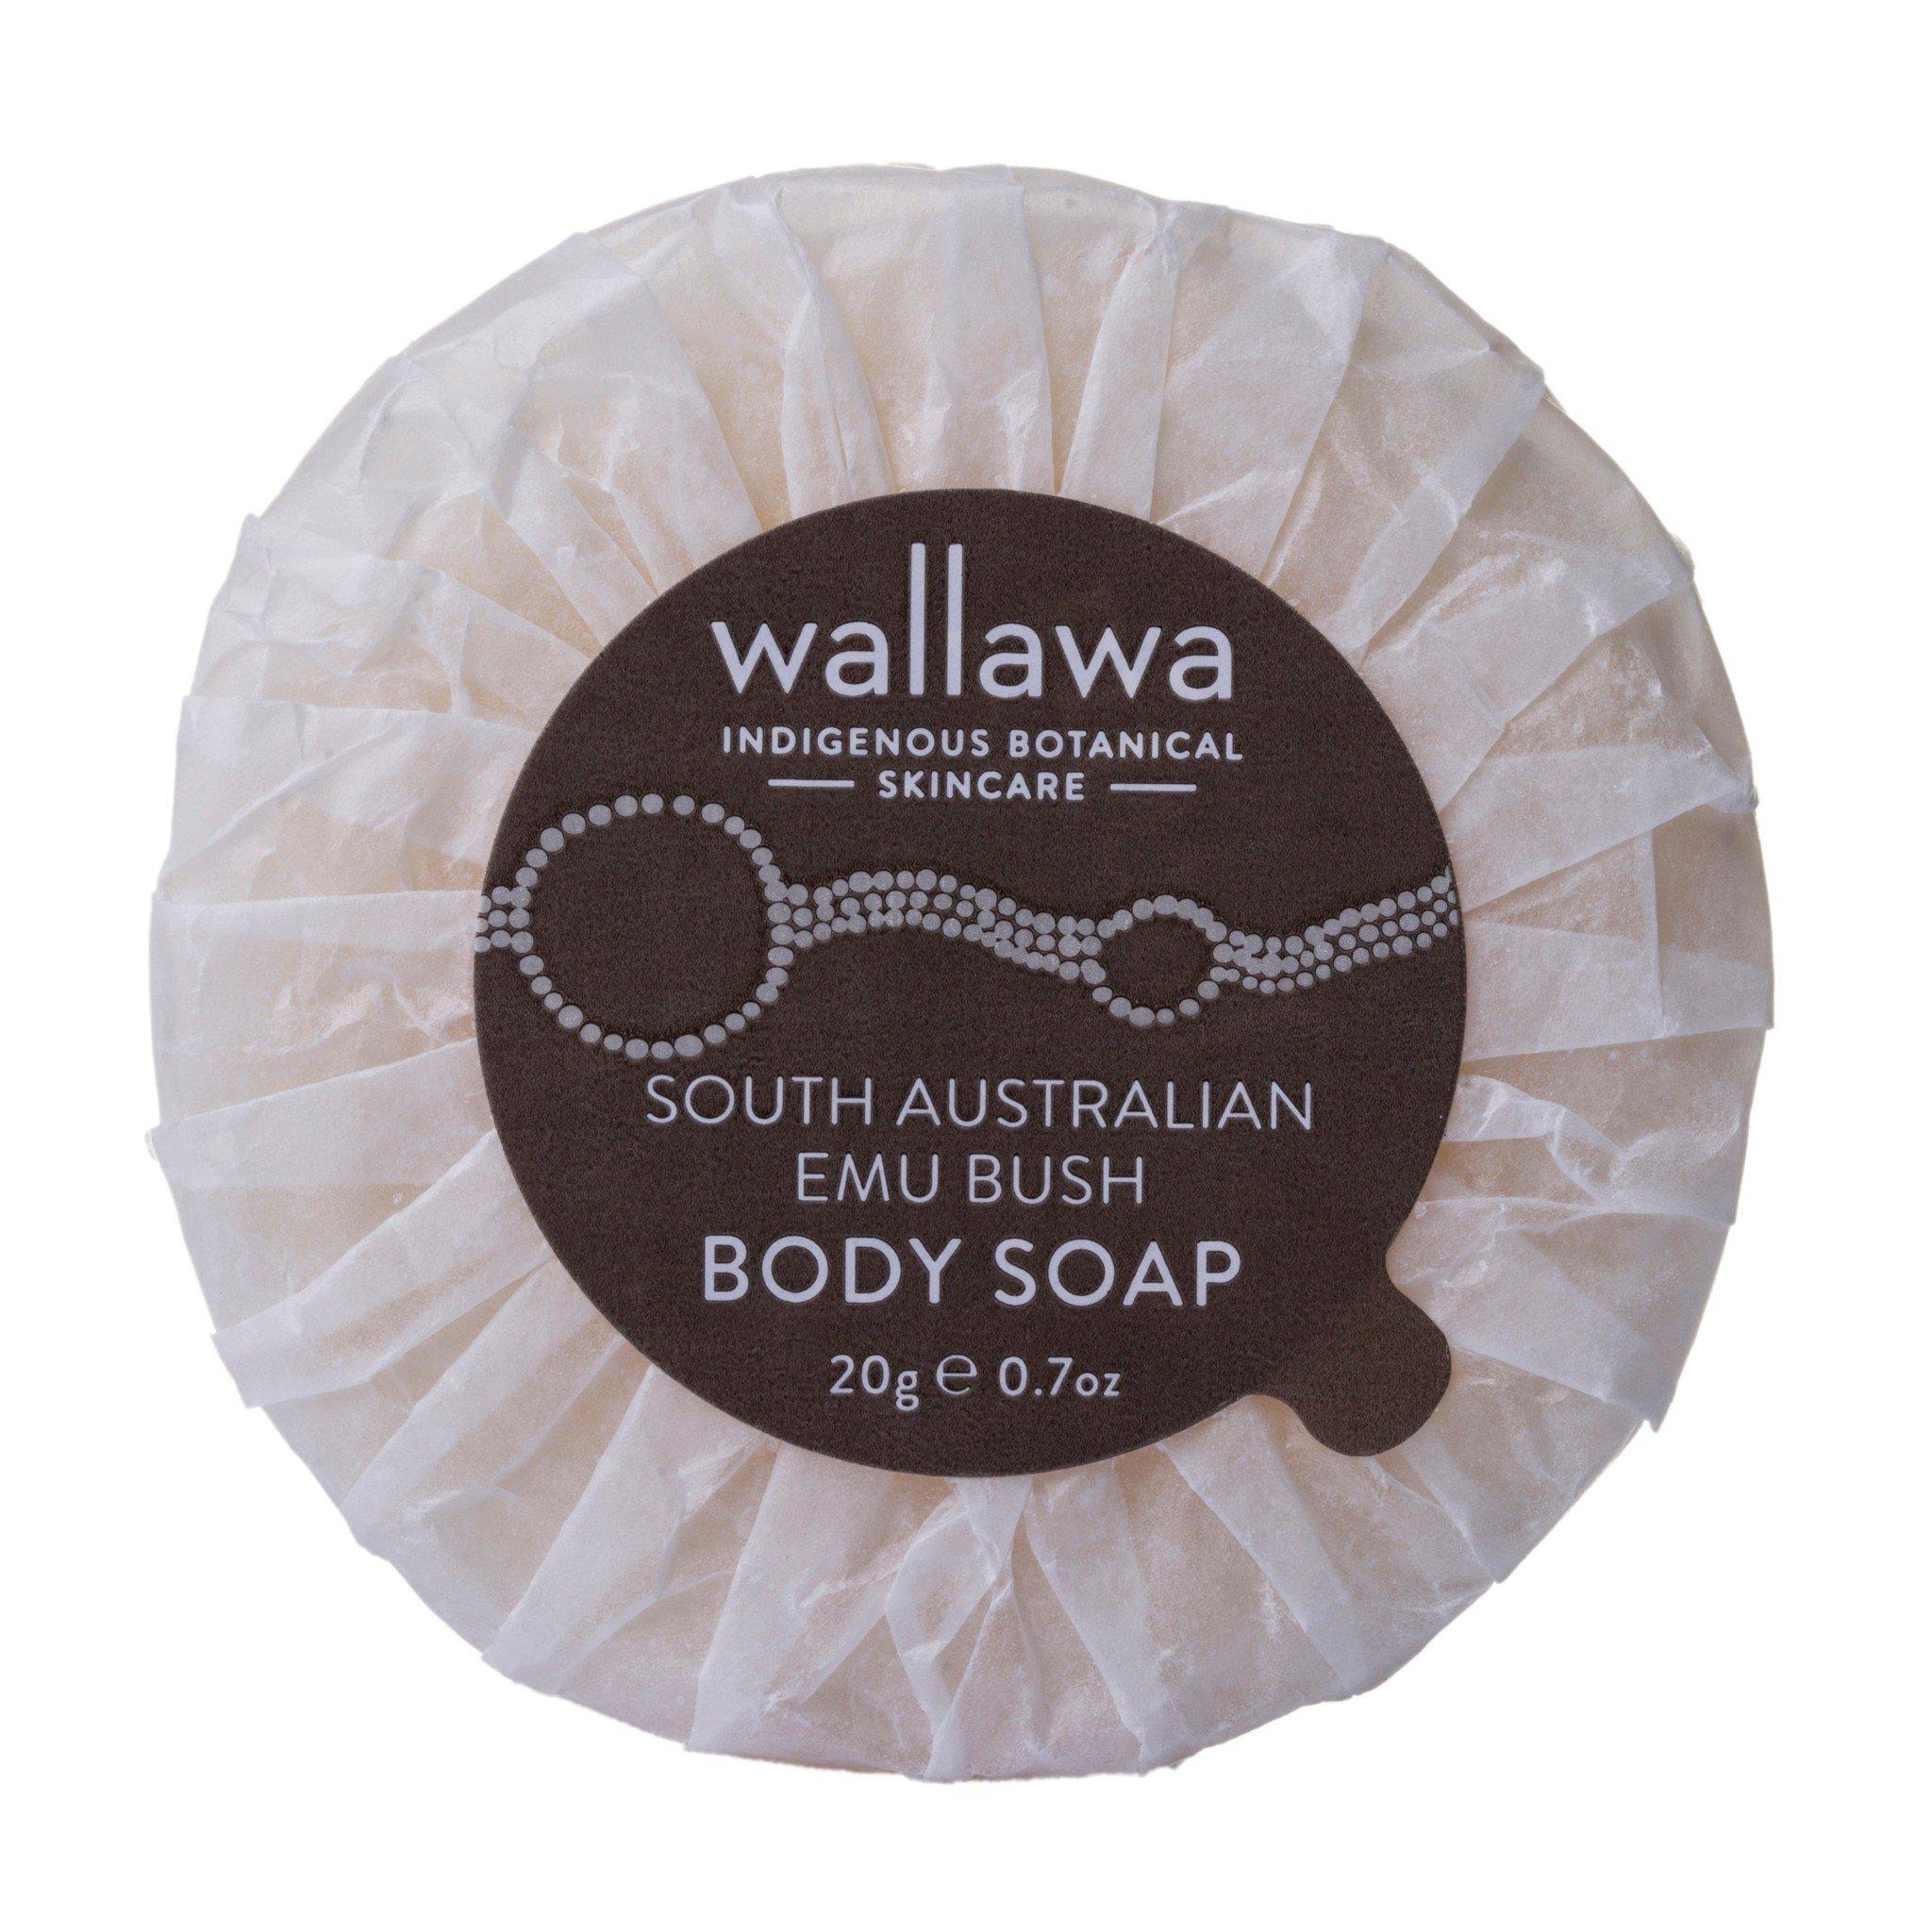 Wallawa 20g Body Soap (50 units)